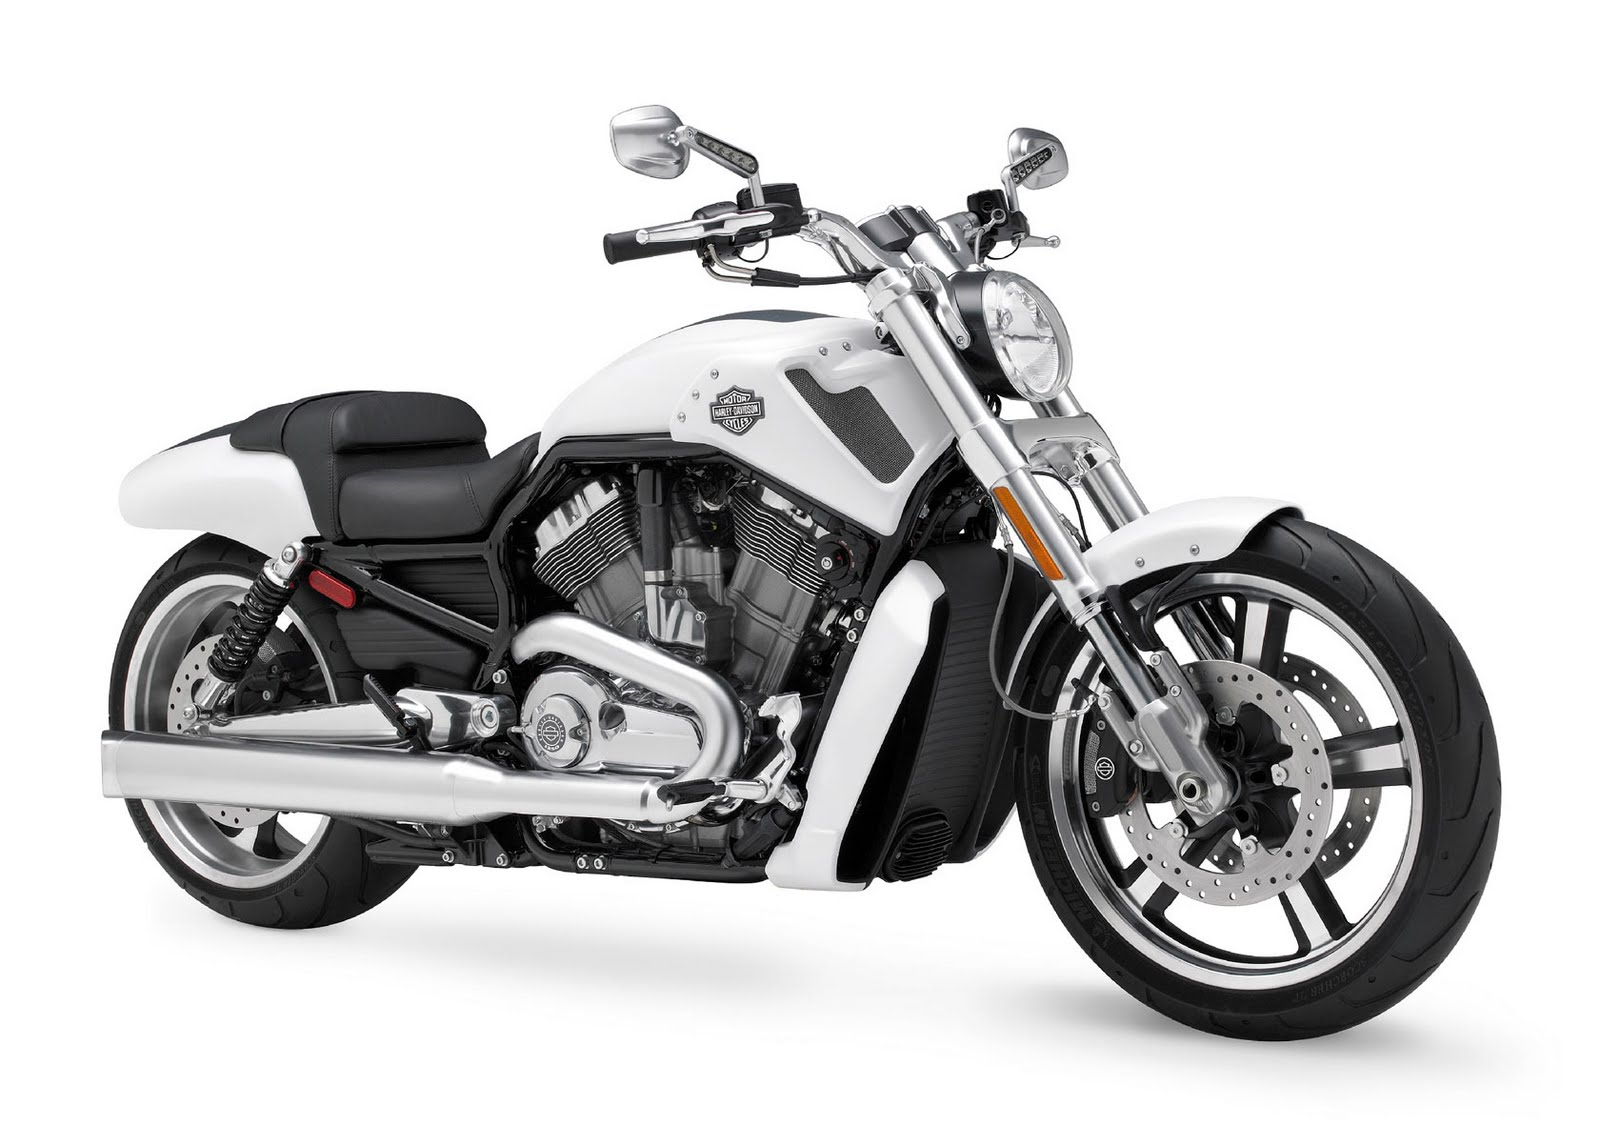 Daftar Harga Motor V-ROD Harley Davidson